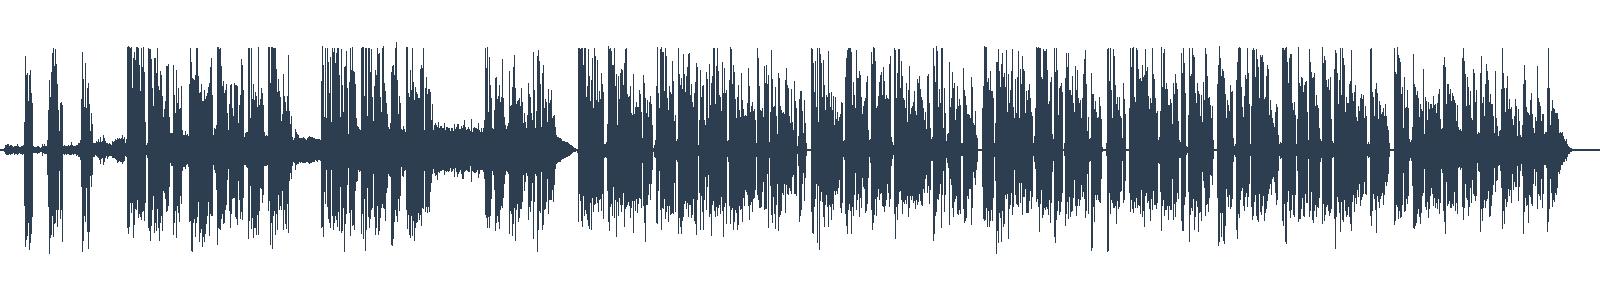 Dominik Dán - Popol všetkých zarovná waveform